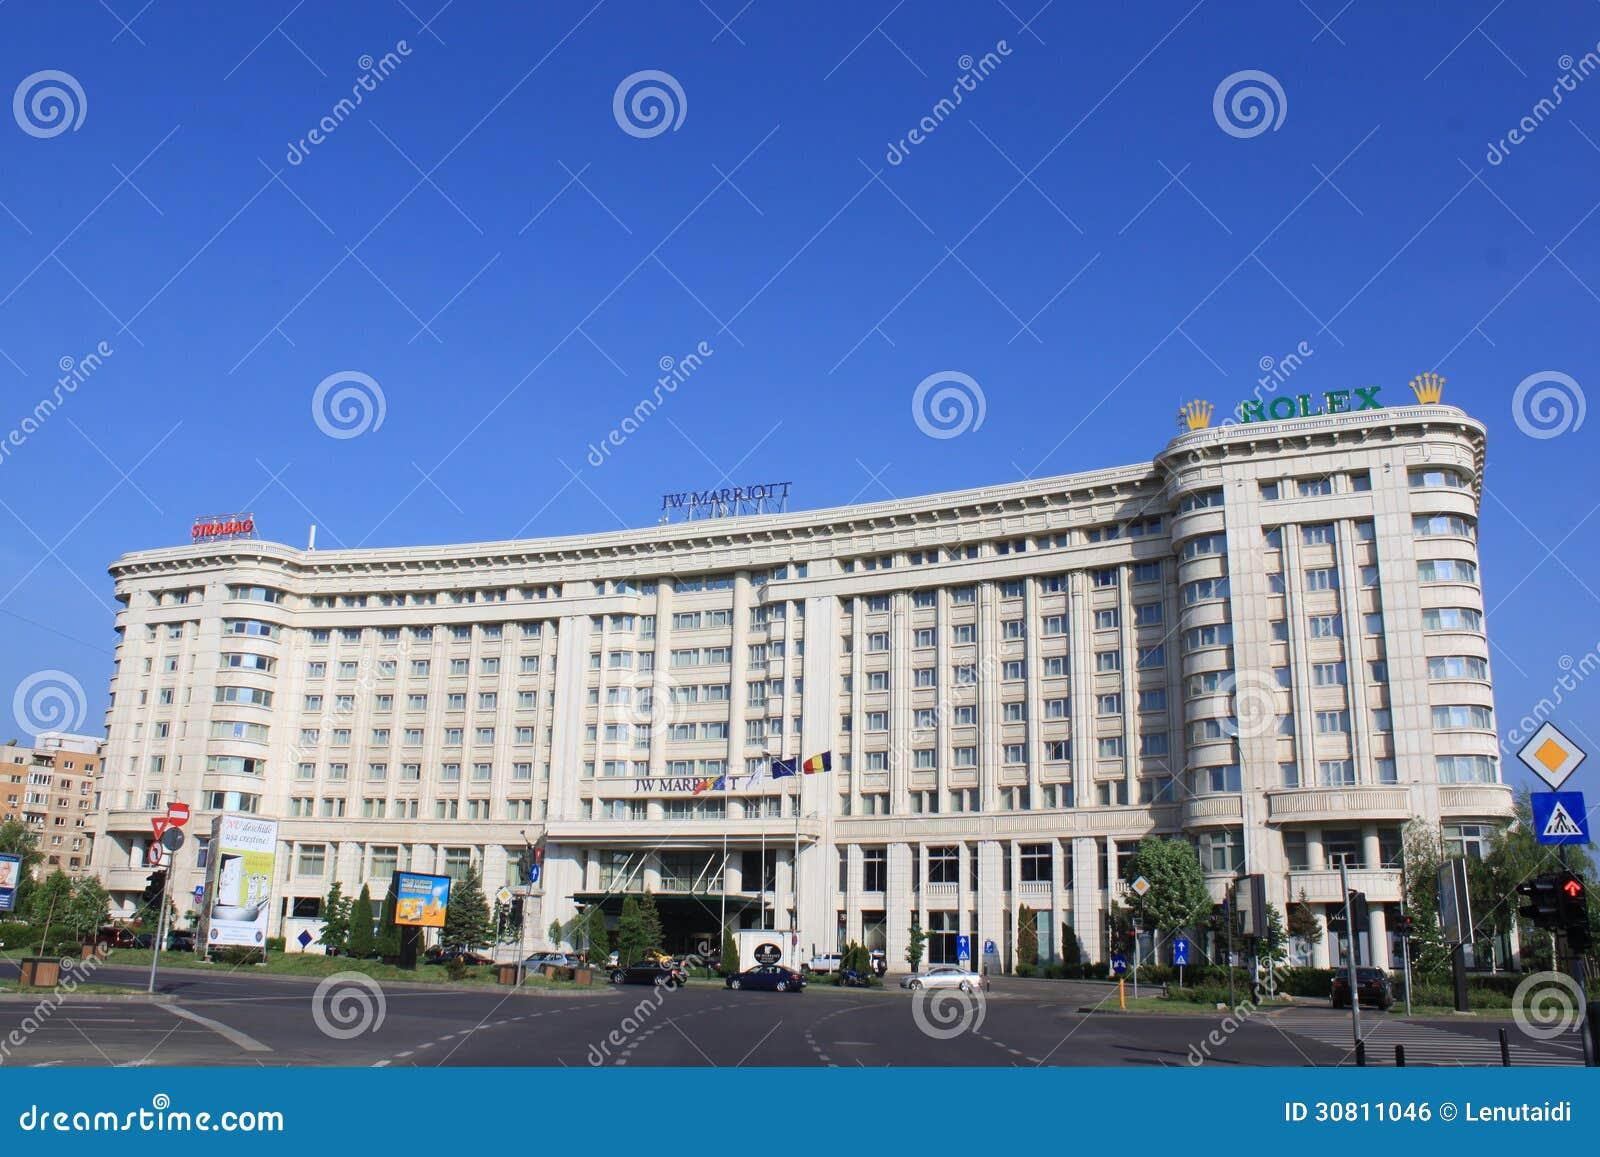 hotel marriot: